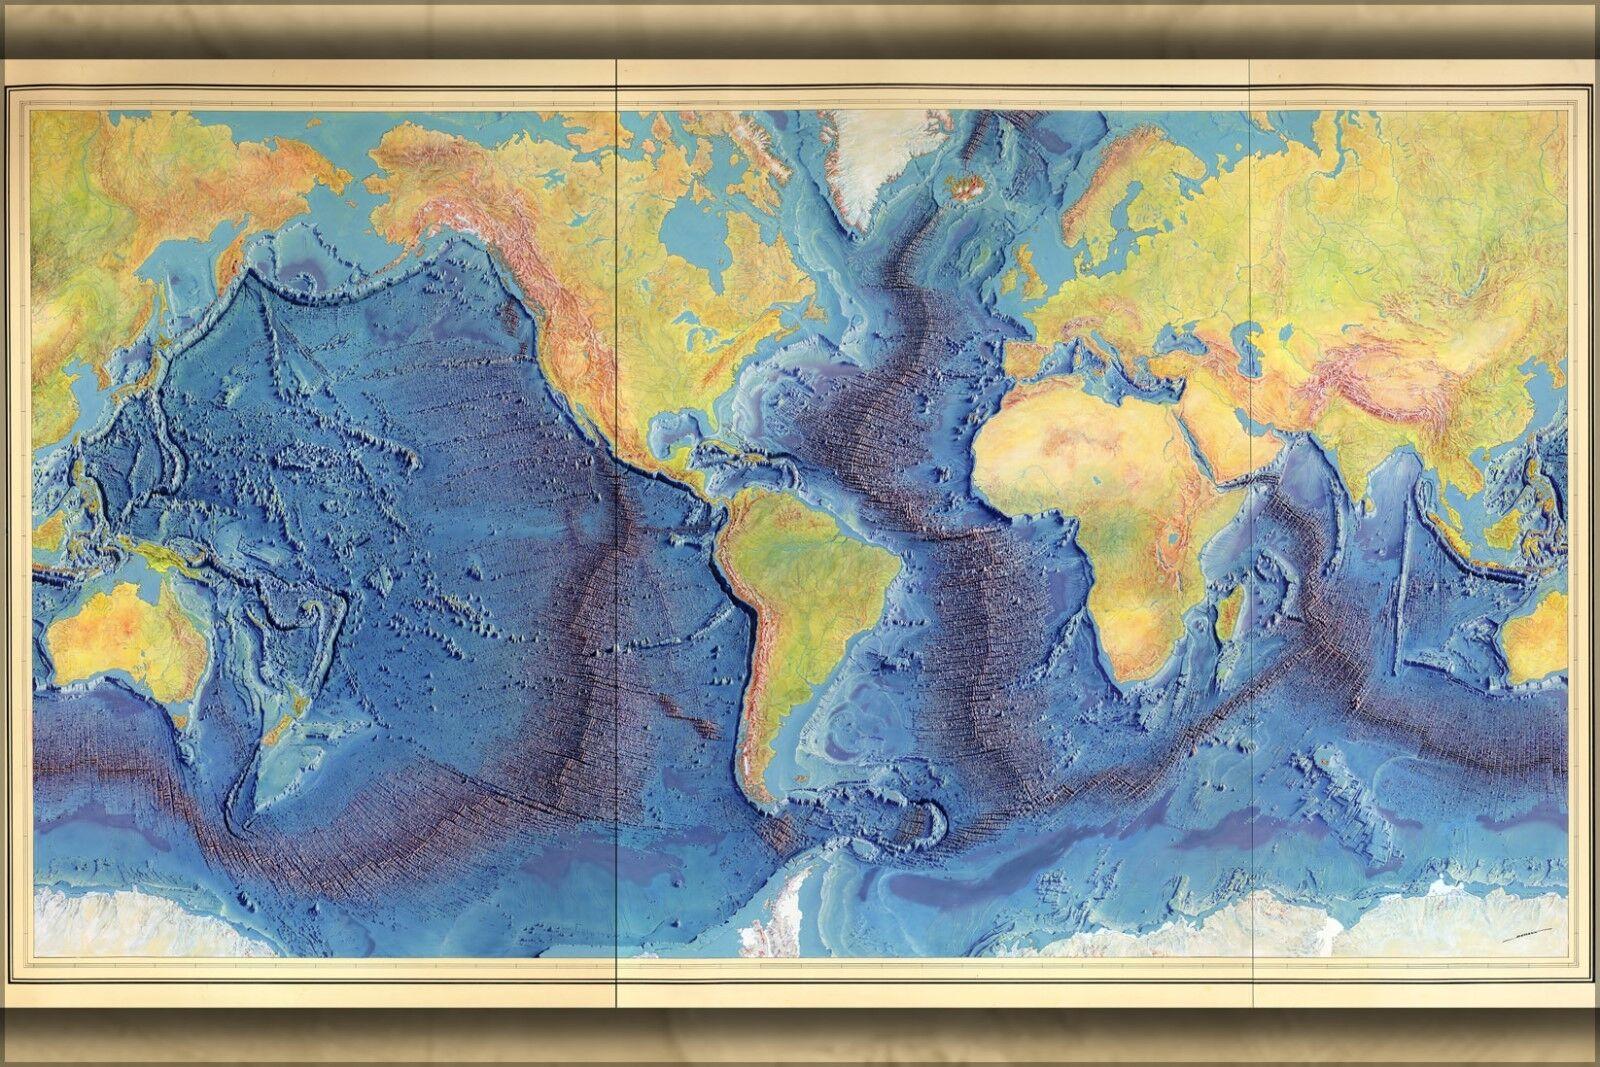 Plakat, Viele Größen; Heezen-Tharp Weltweit Ozean Boden KKunste von Berann 1977